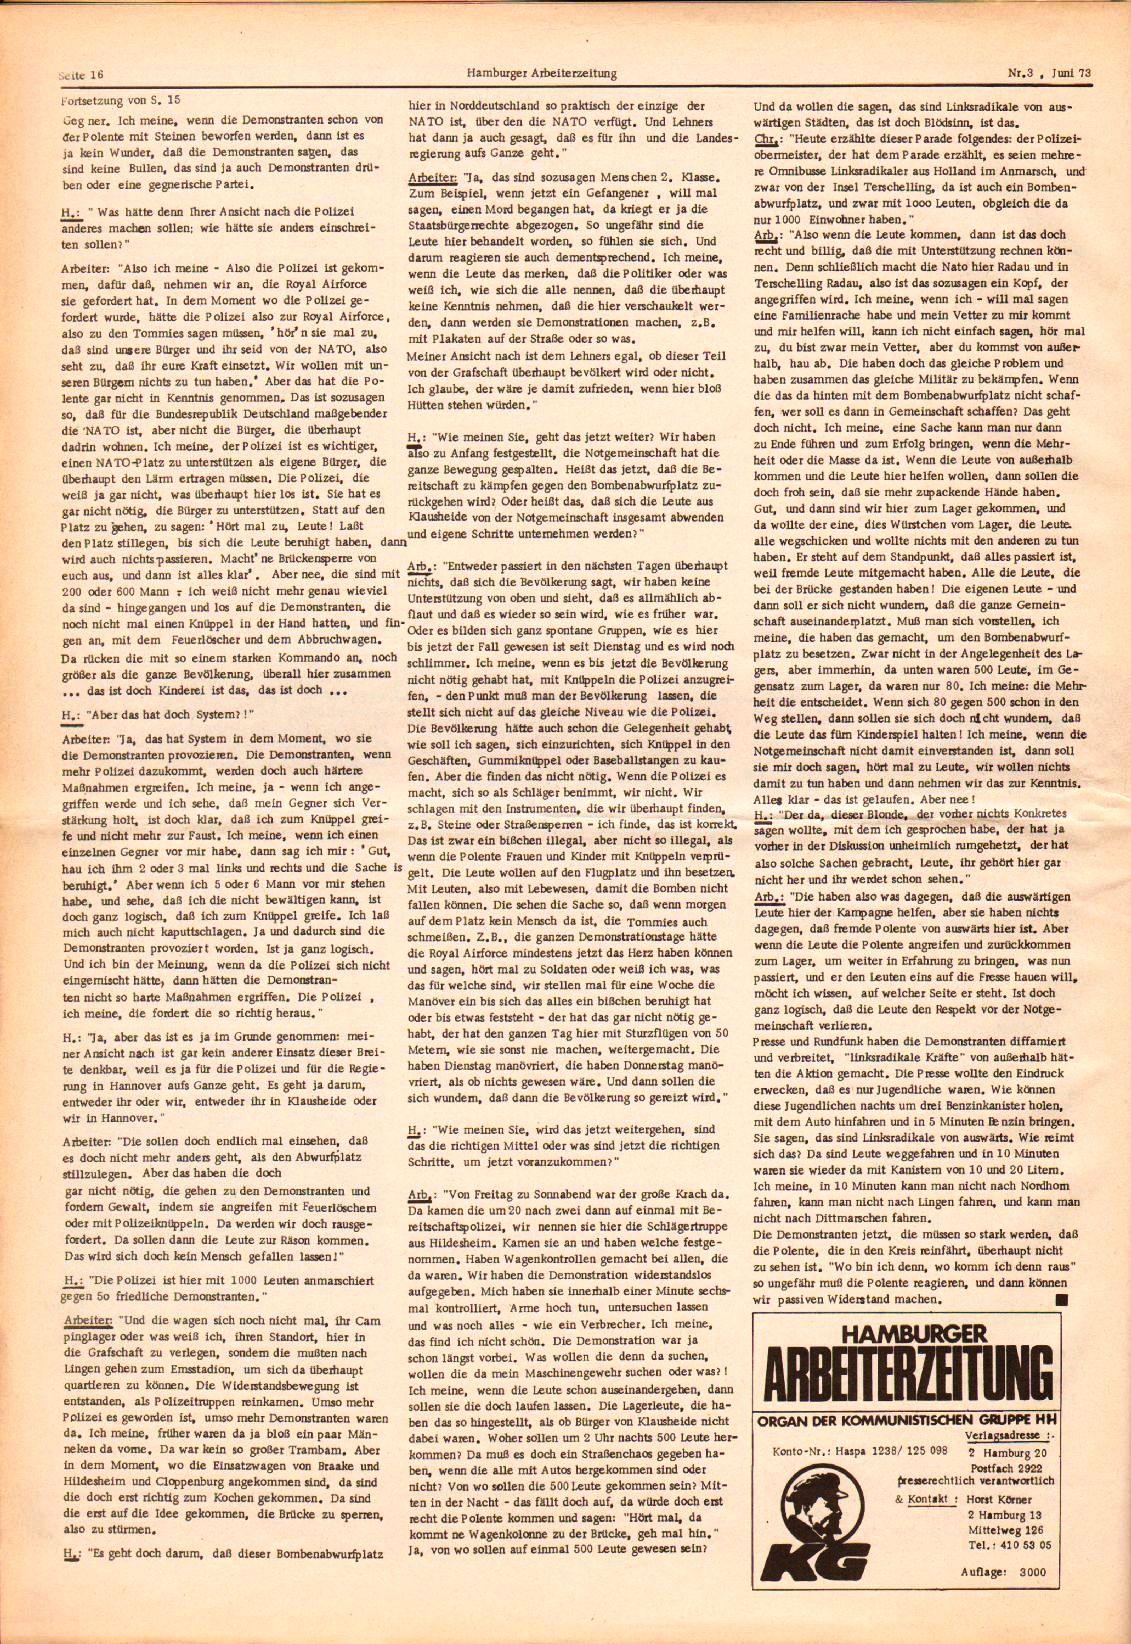 Hamburger_Arbeiterzeitung064